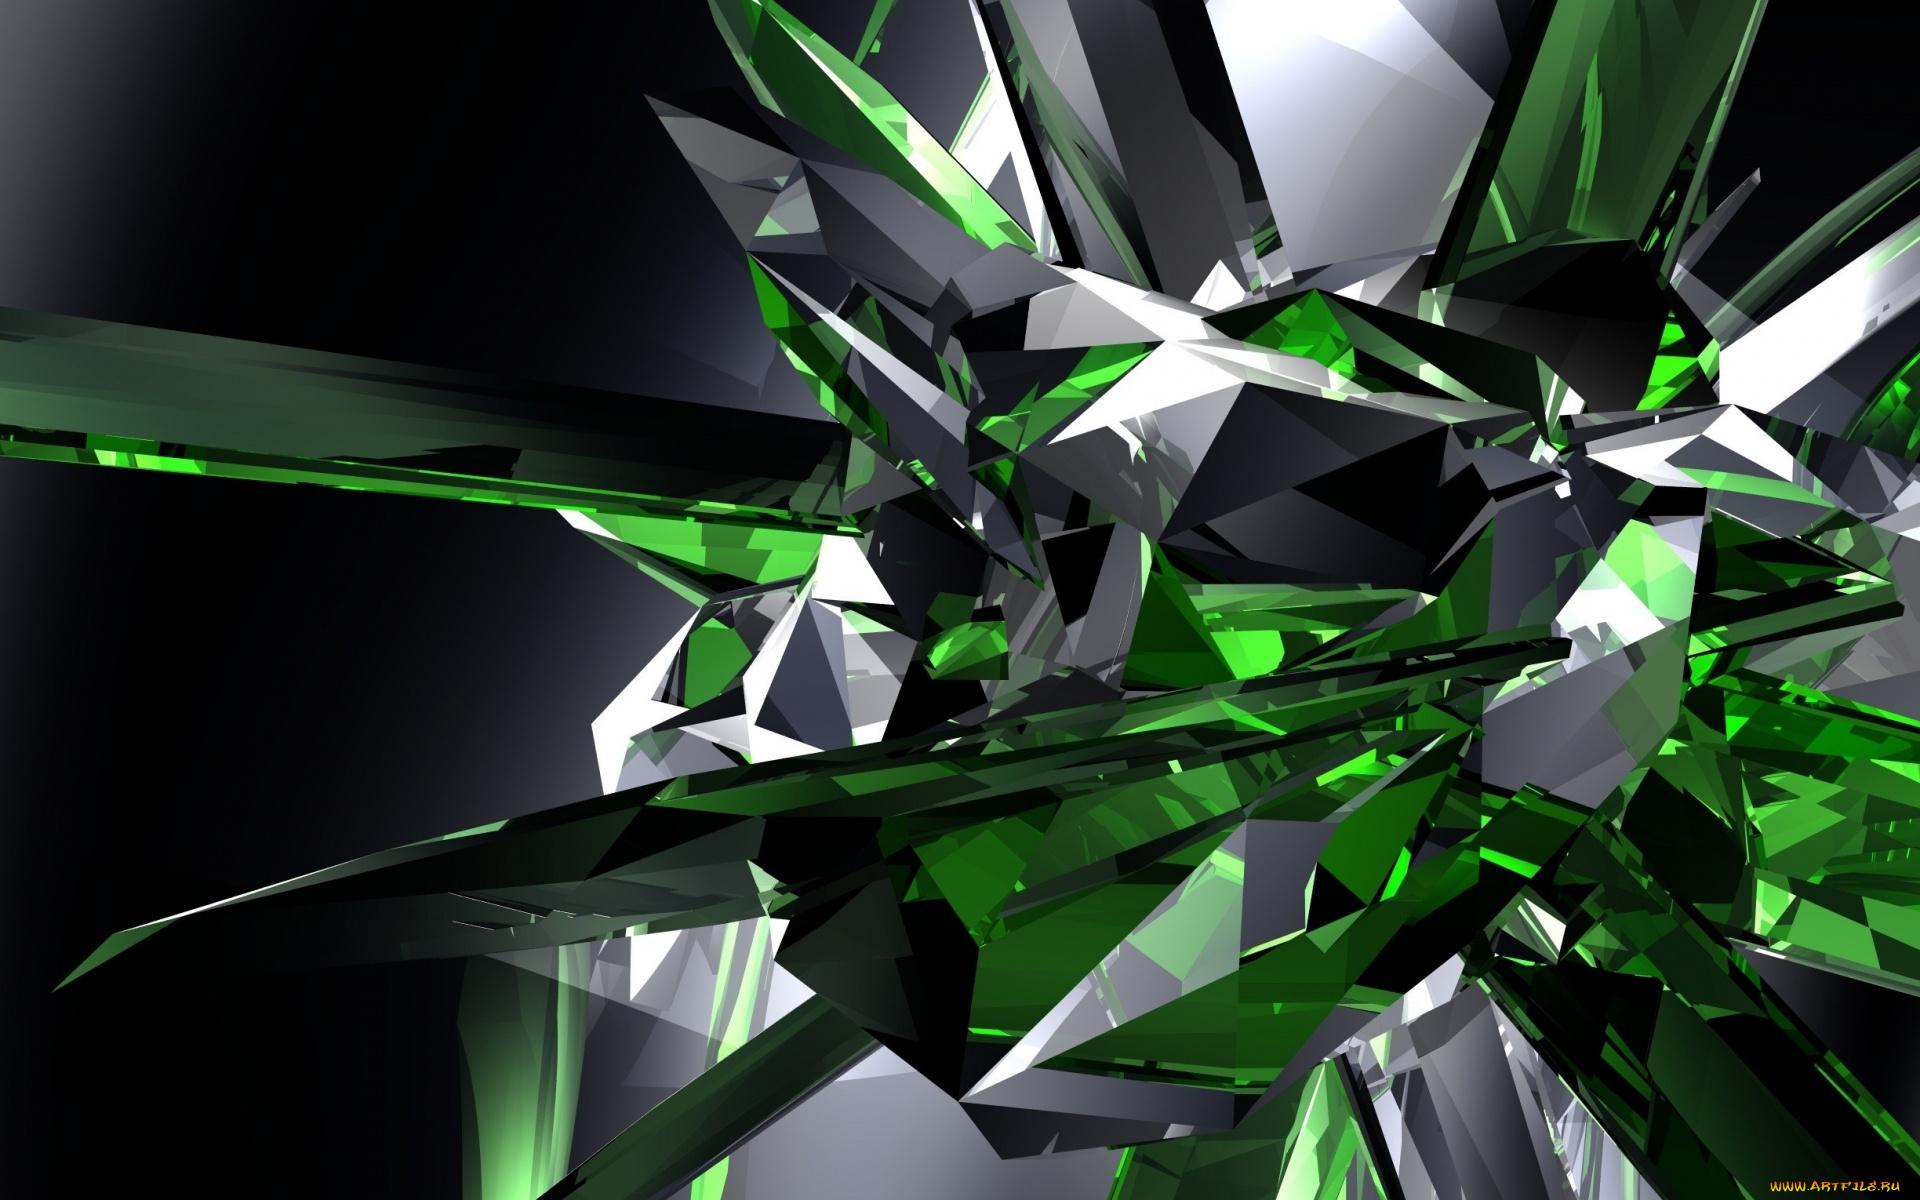 нежное картинки с зеленым черным и белым цветом уникальность образов, создает